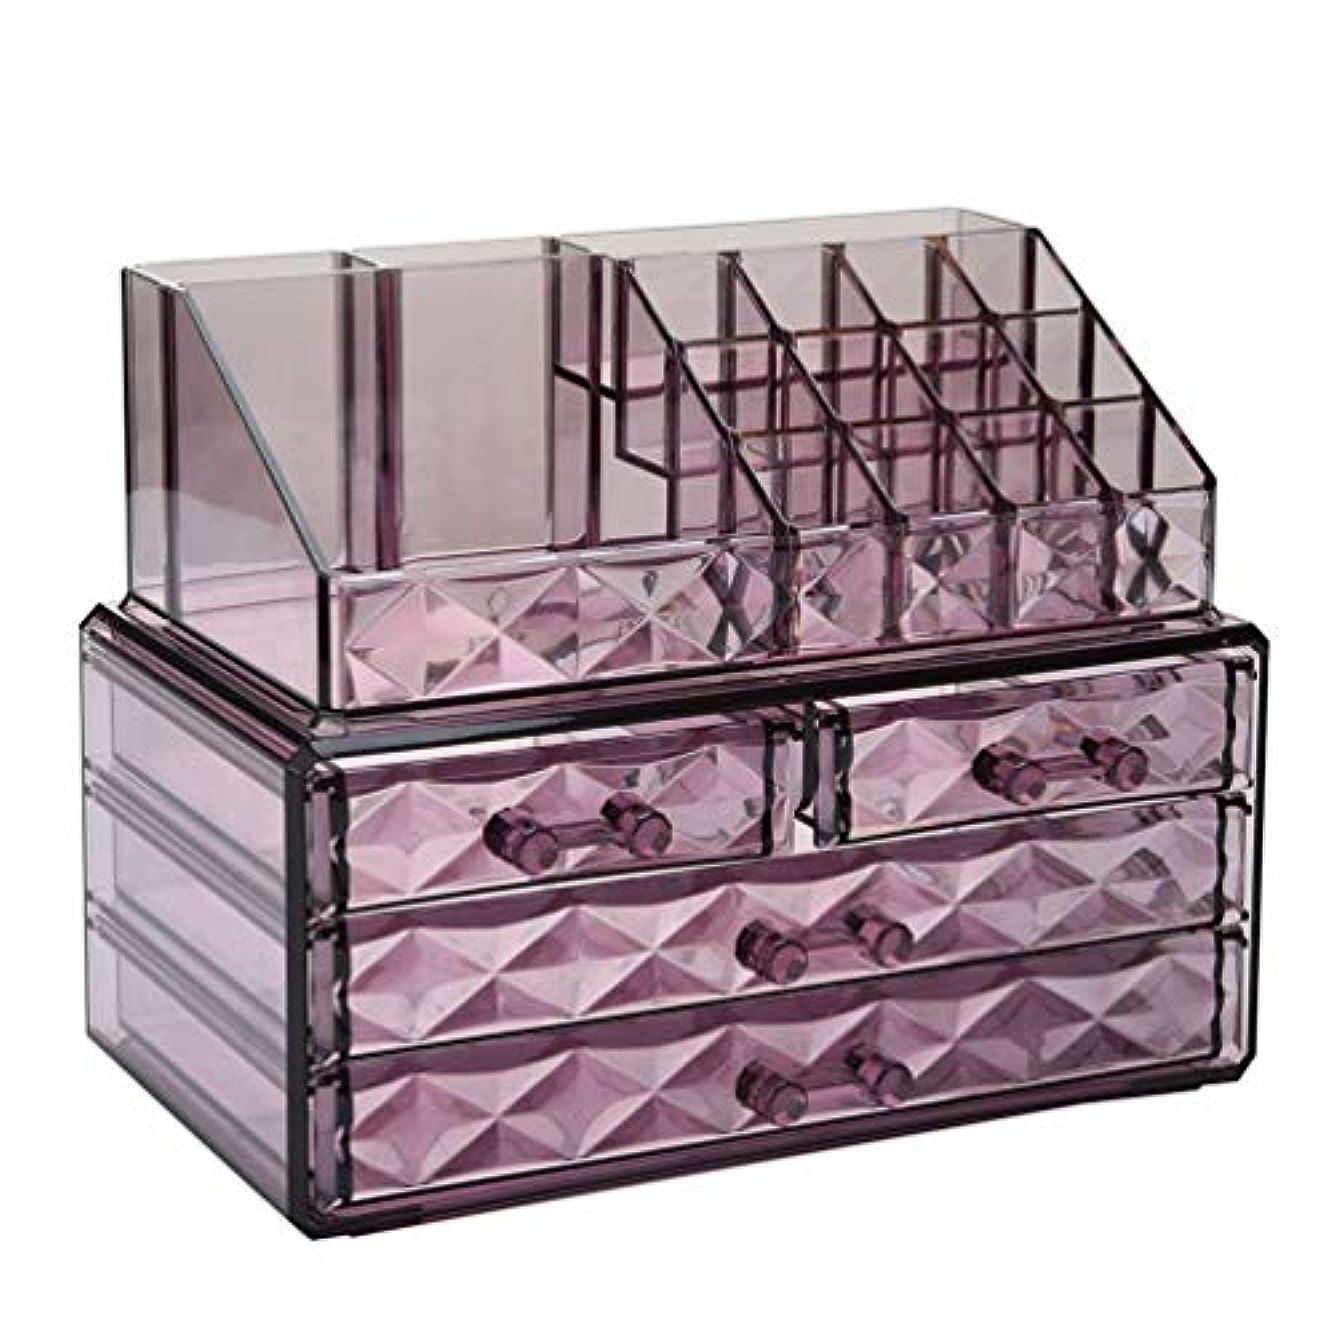 部屋を掃除するハブブ海賊Anberotta コスメボックス メイクボックス収納 化粧品収納ケース 透明 卓上マルチ収納 引き出し 小物入れ 大容量 J60 (パープル?タイプA)